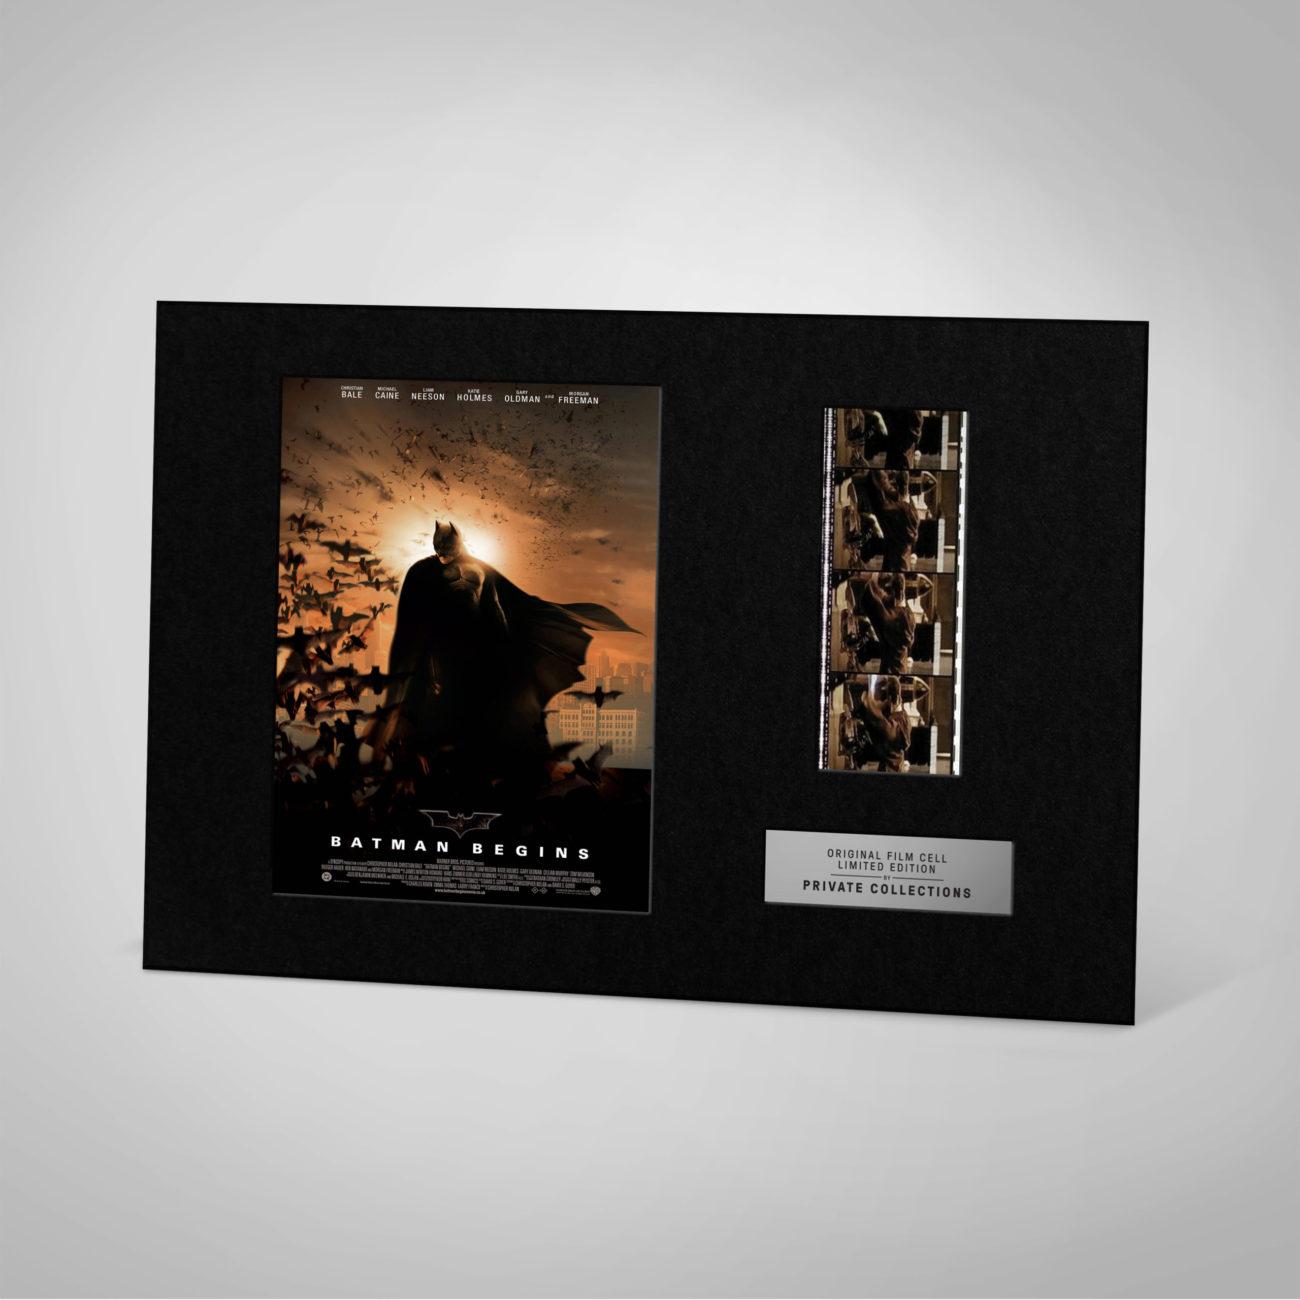 BATMAN BEGINS (2005)